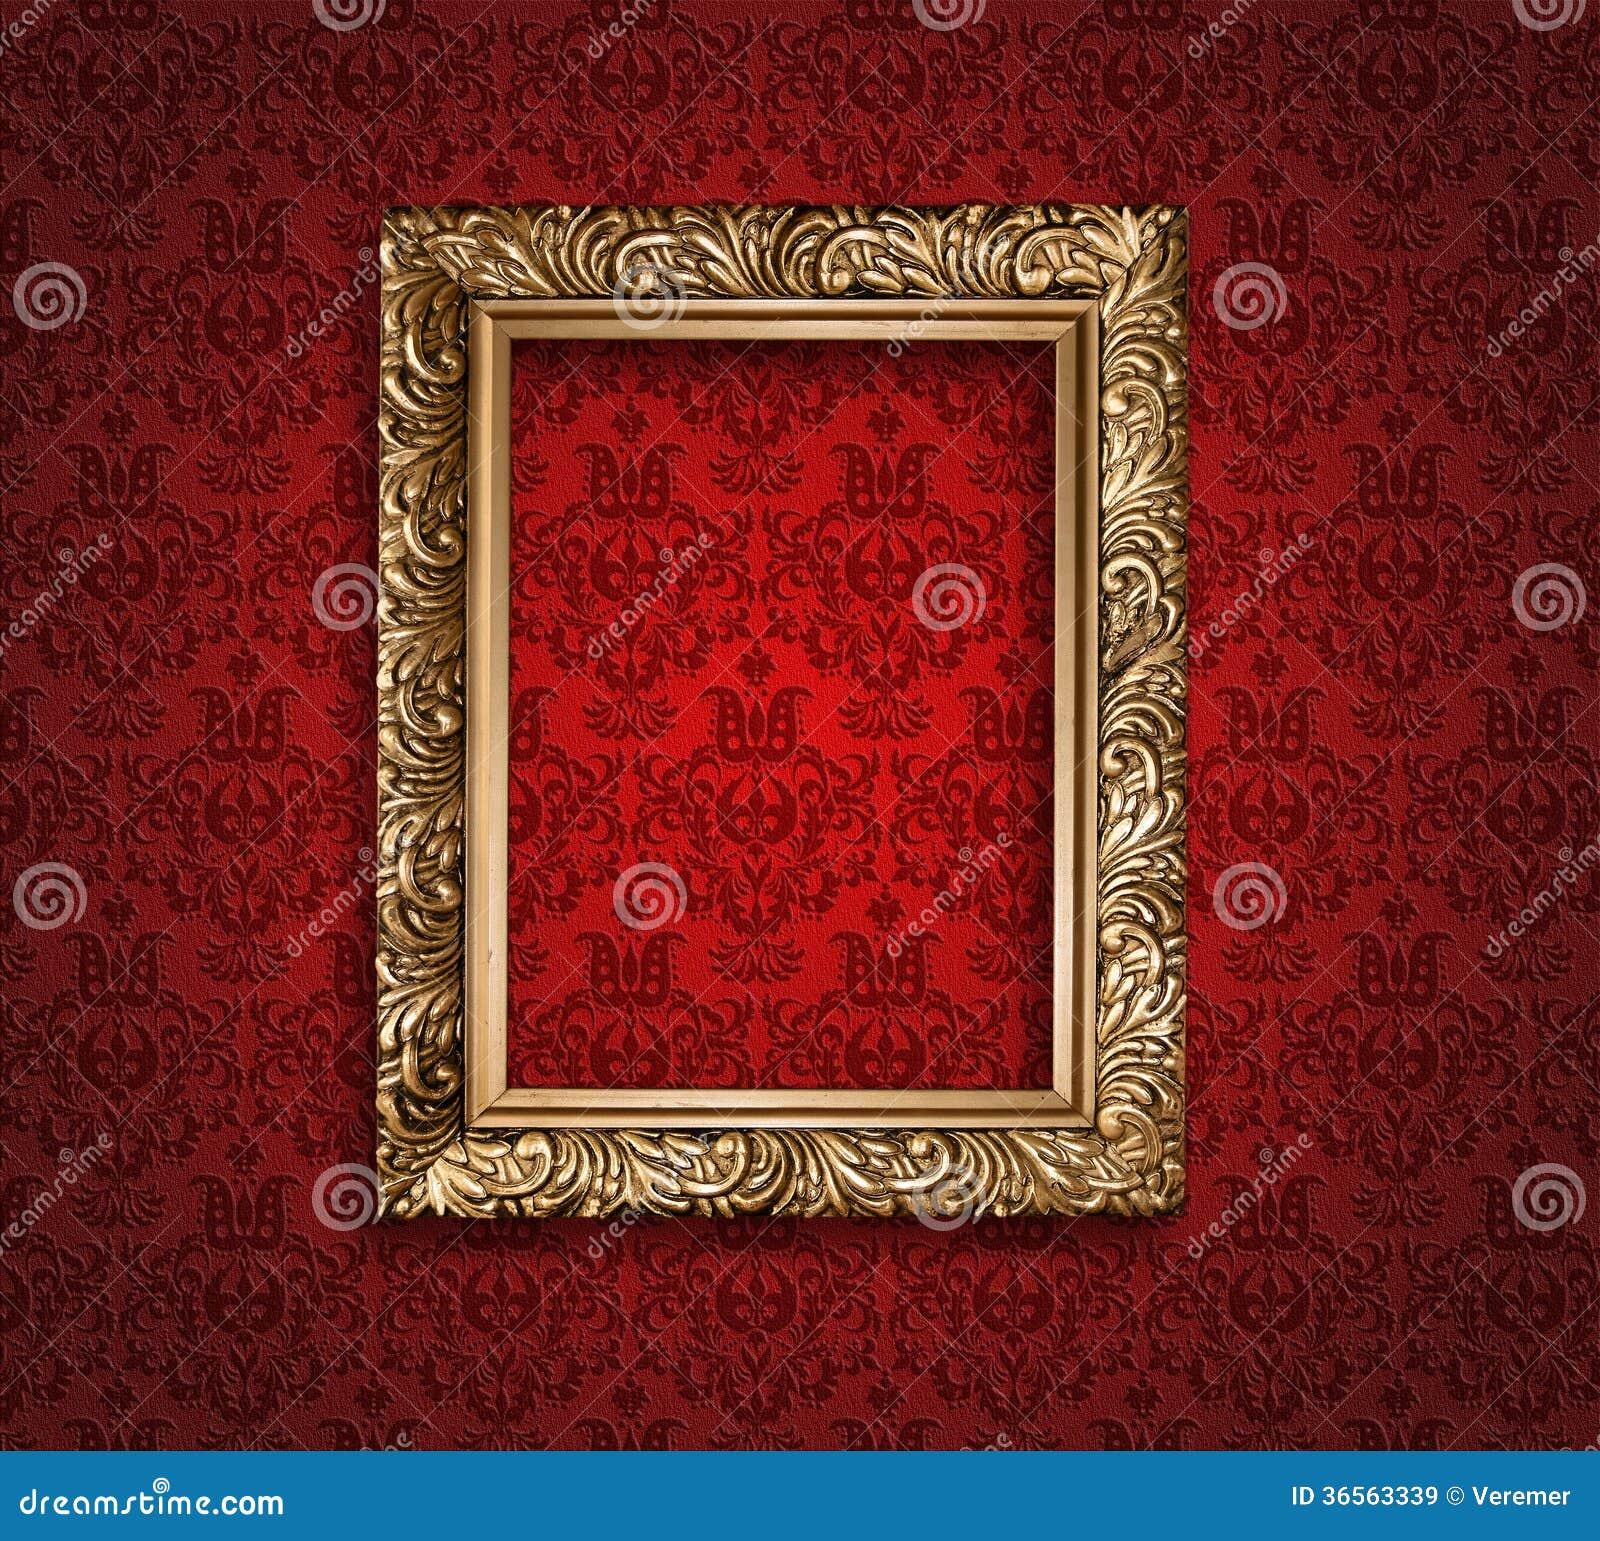 cadre d 39 or antique sur le papier peint rouge image stock image du vide culture 36563339. Black Bedroom Furniture Sets. Home Design Ideas